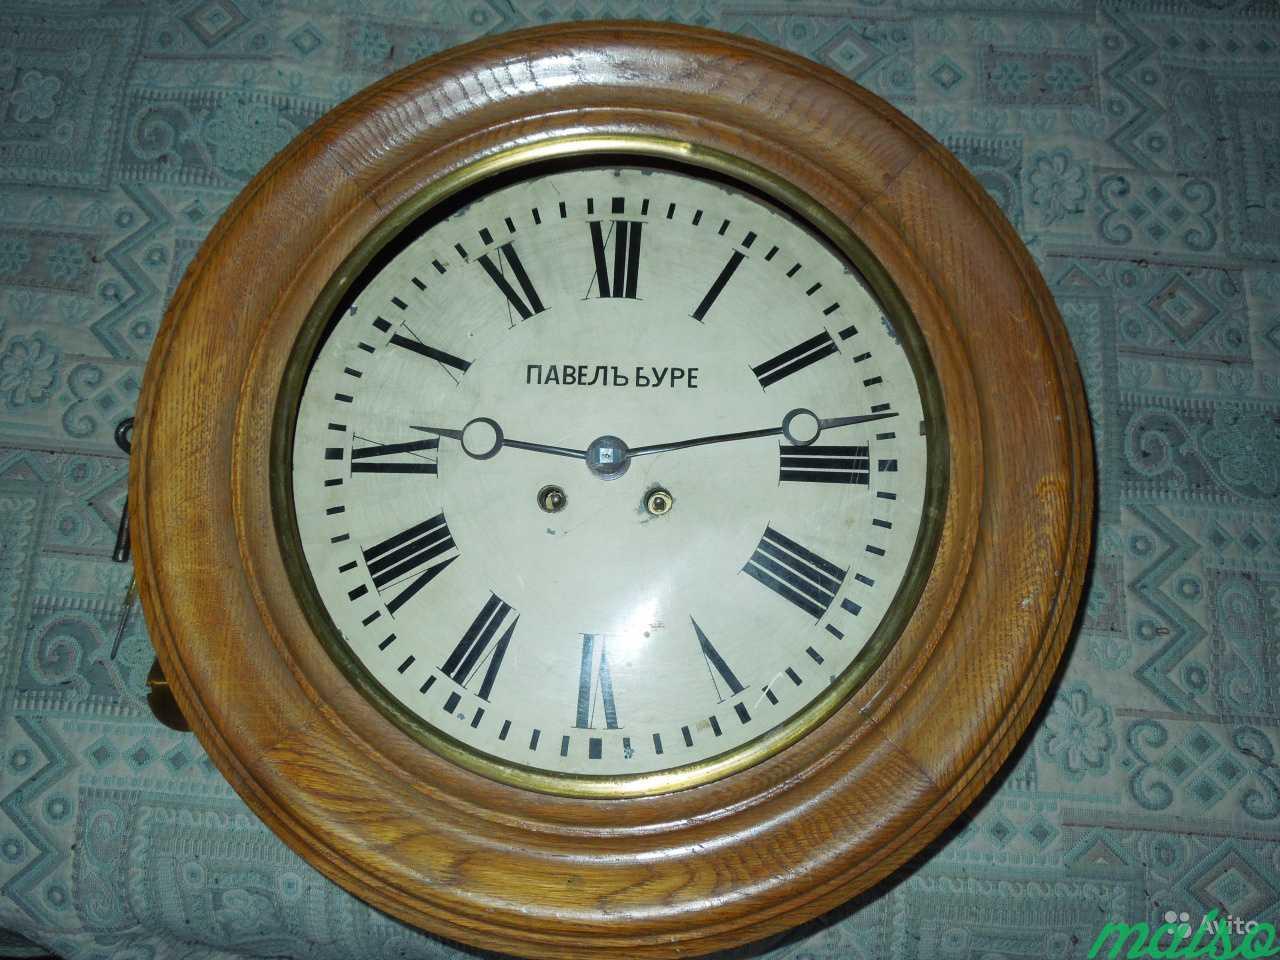 Часы П.Буре шайба зальные d 50 см 19 век в Москве. Фото 1